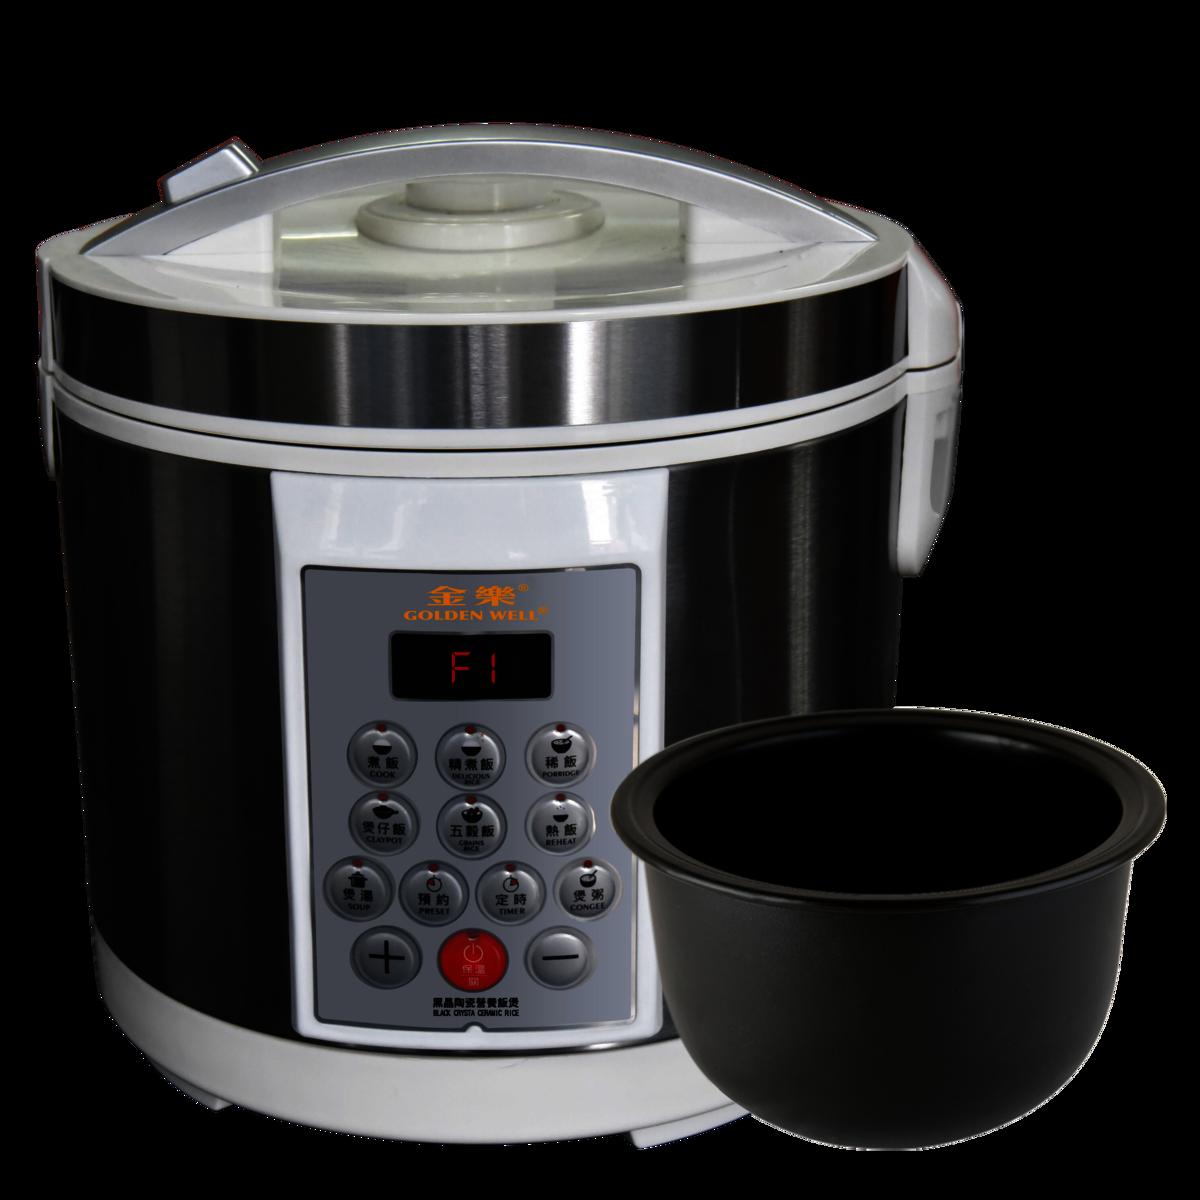 黑晶陶瓷營養飯鍋 GBC-4DE